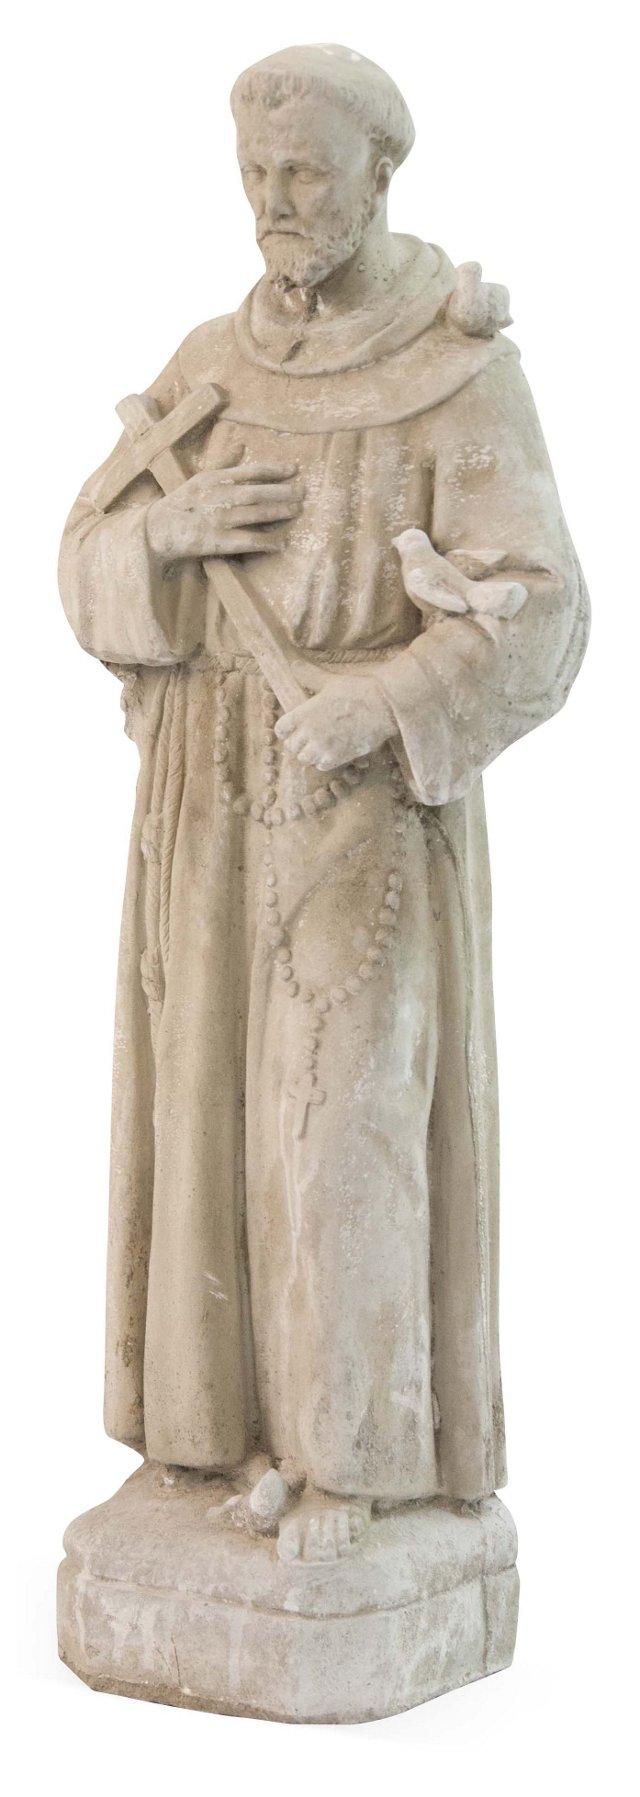 Concrete St. Francis